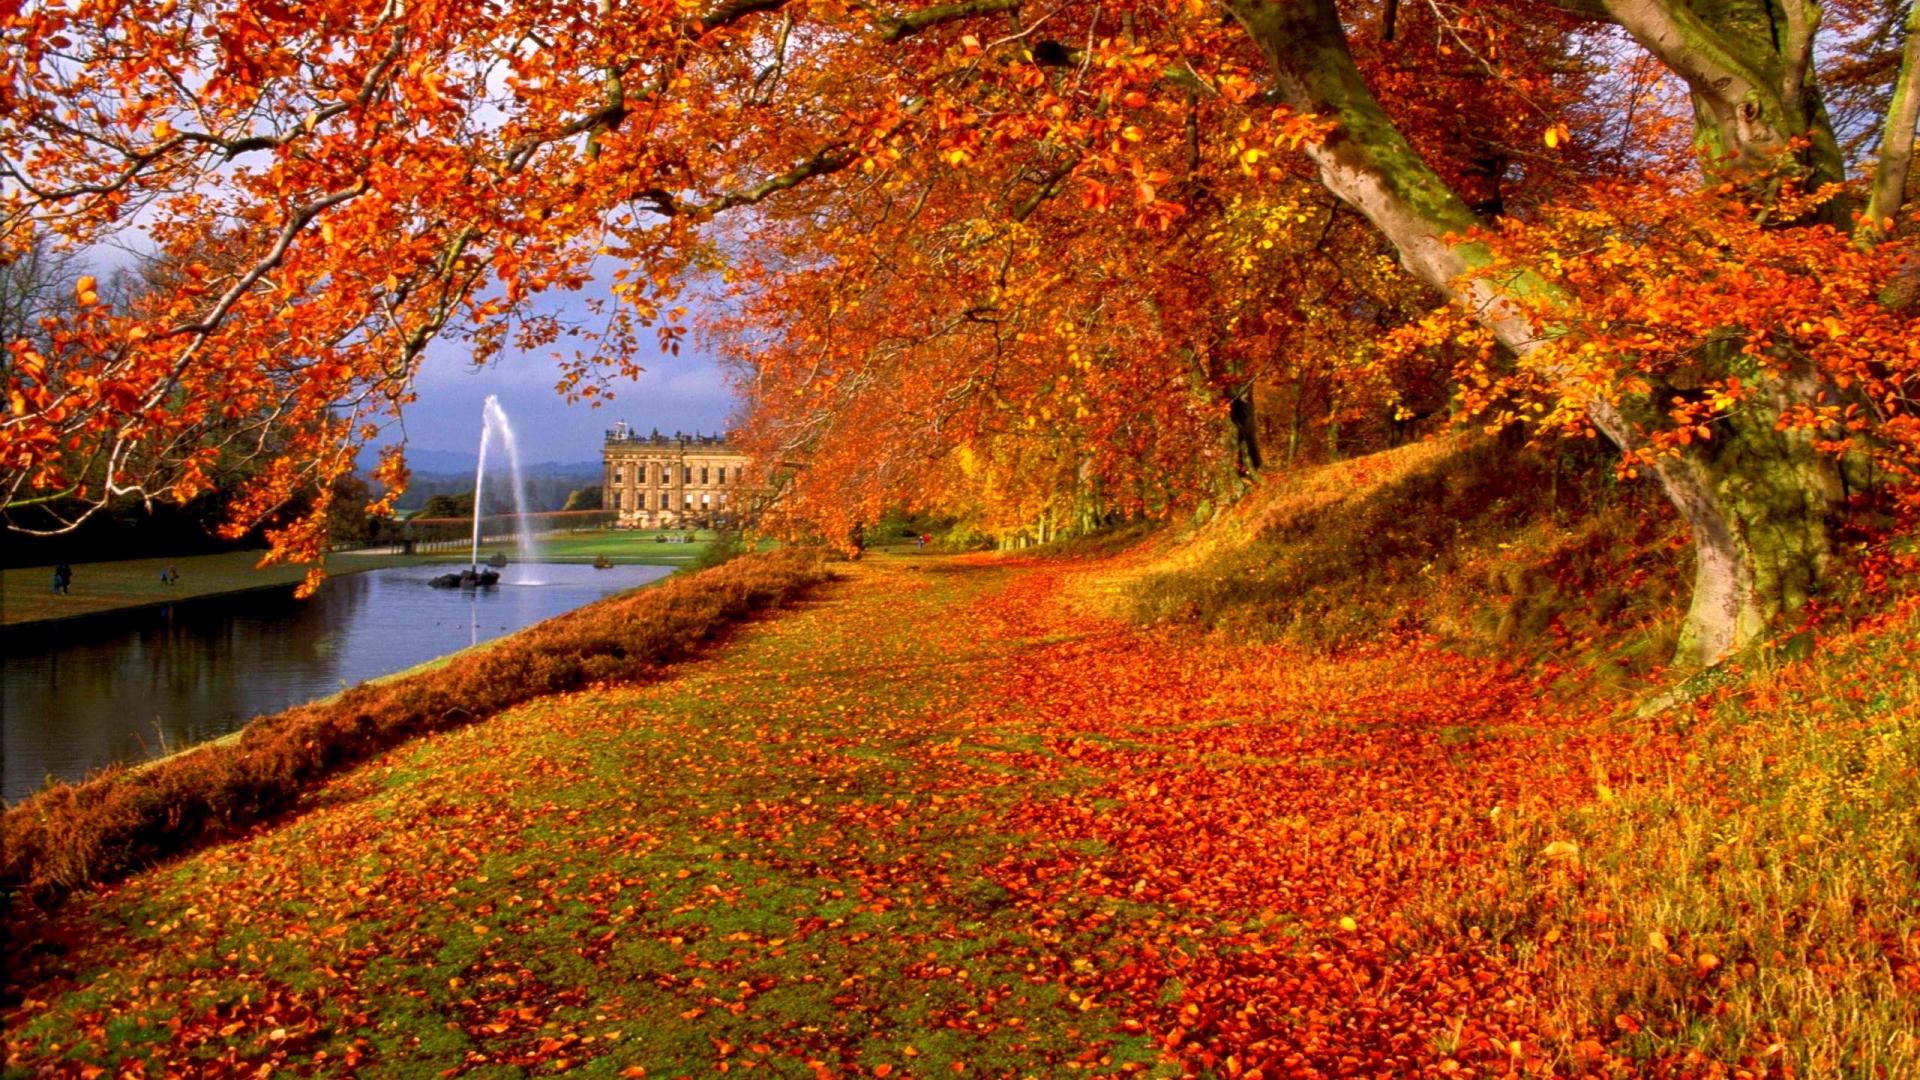 Hình nền mùa thu Autumnbeauty21a